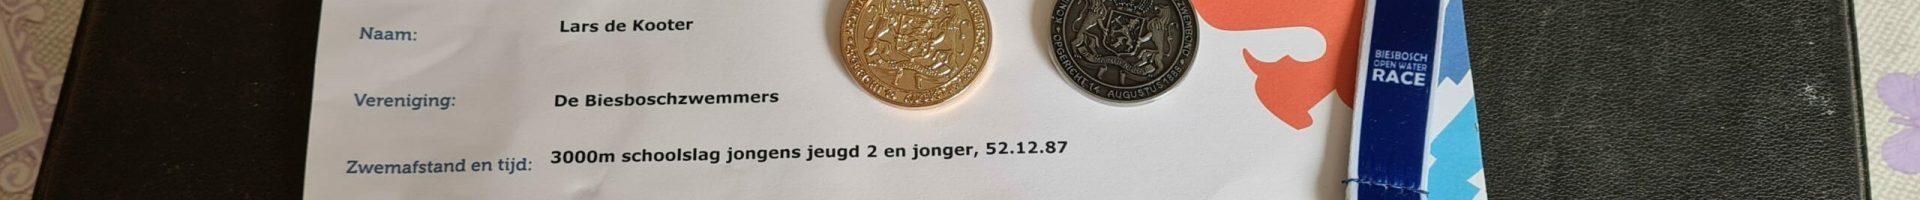 Zes NK-medailles voor trio Biesboschzwemmers